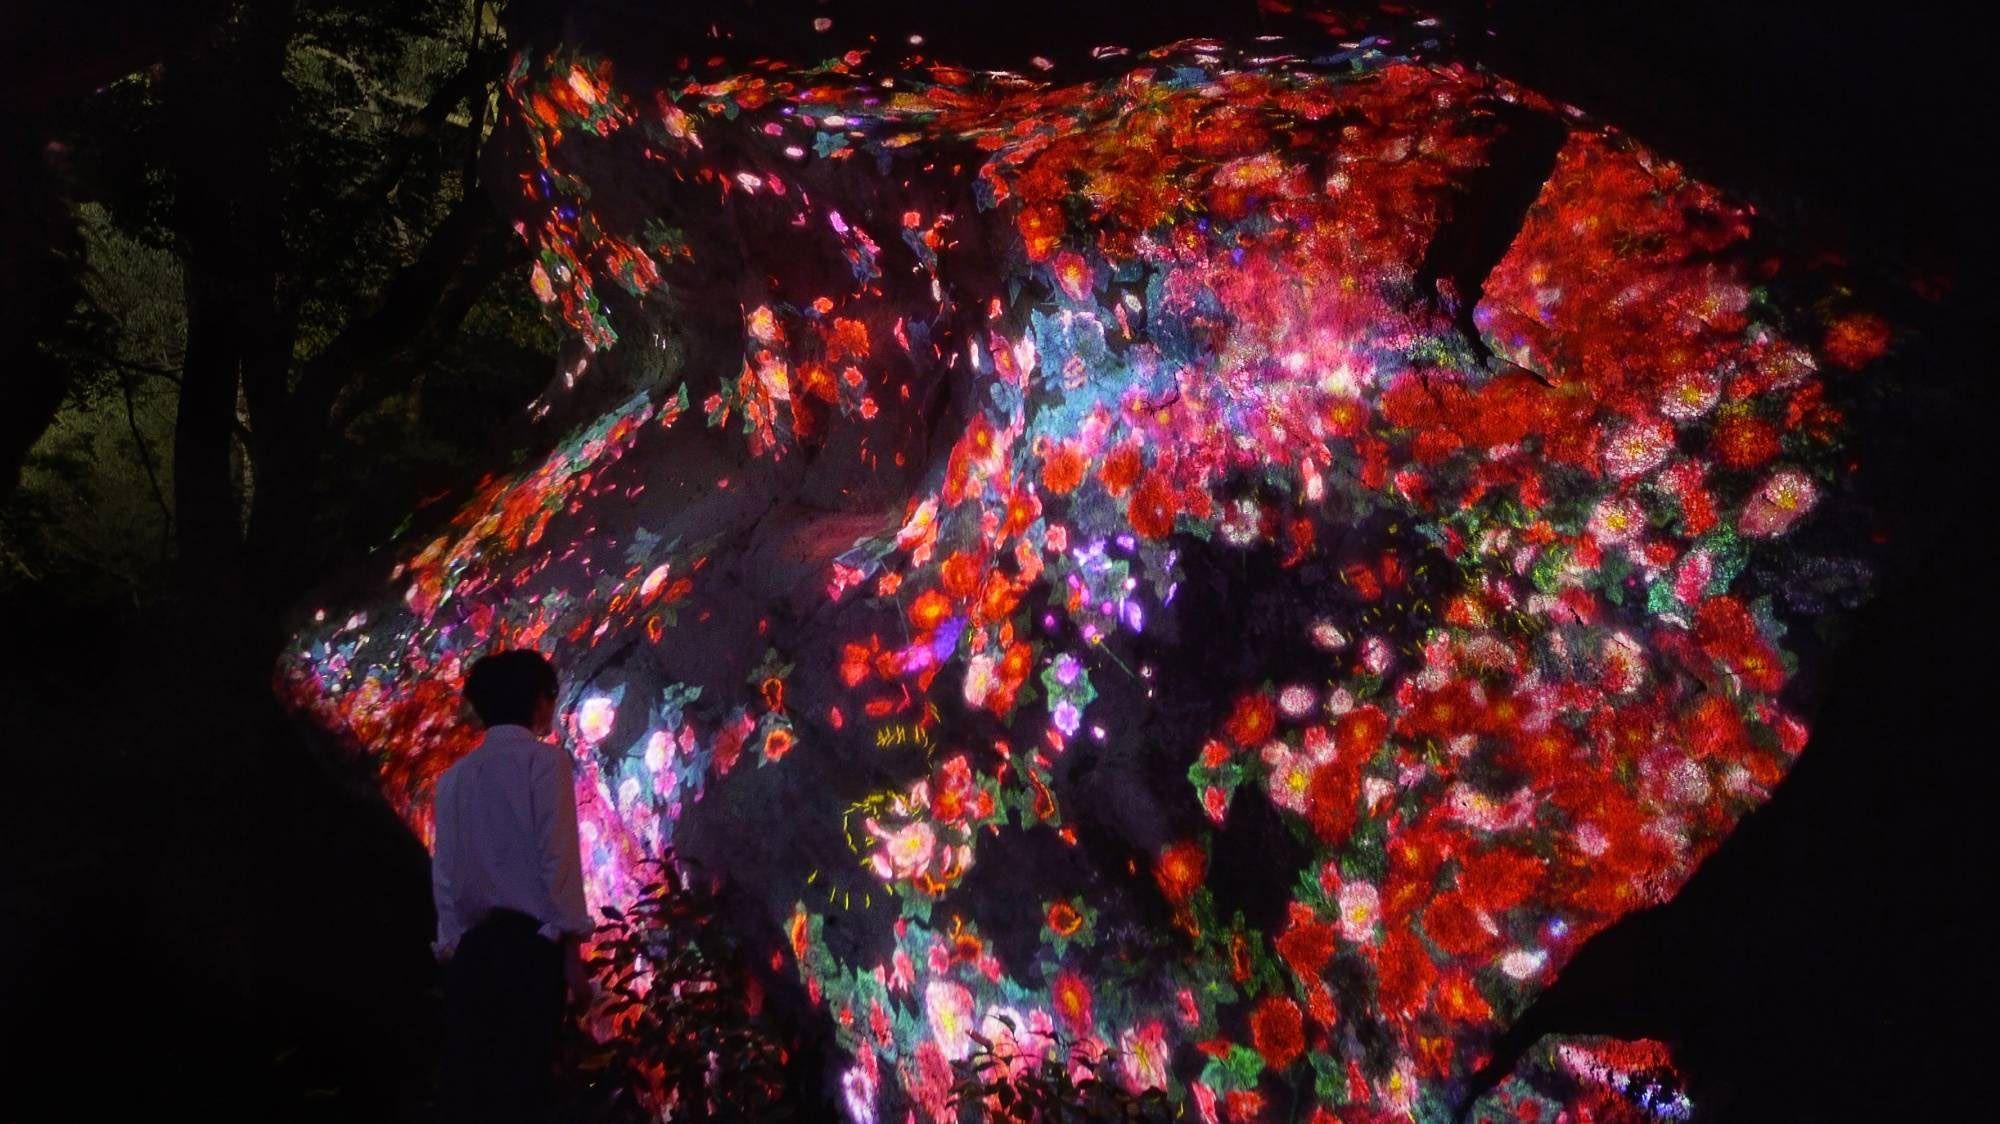 増殖する生命の巨石 / Ever Blossoming Life Rock